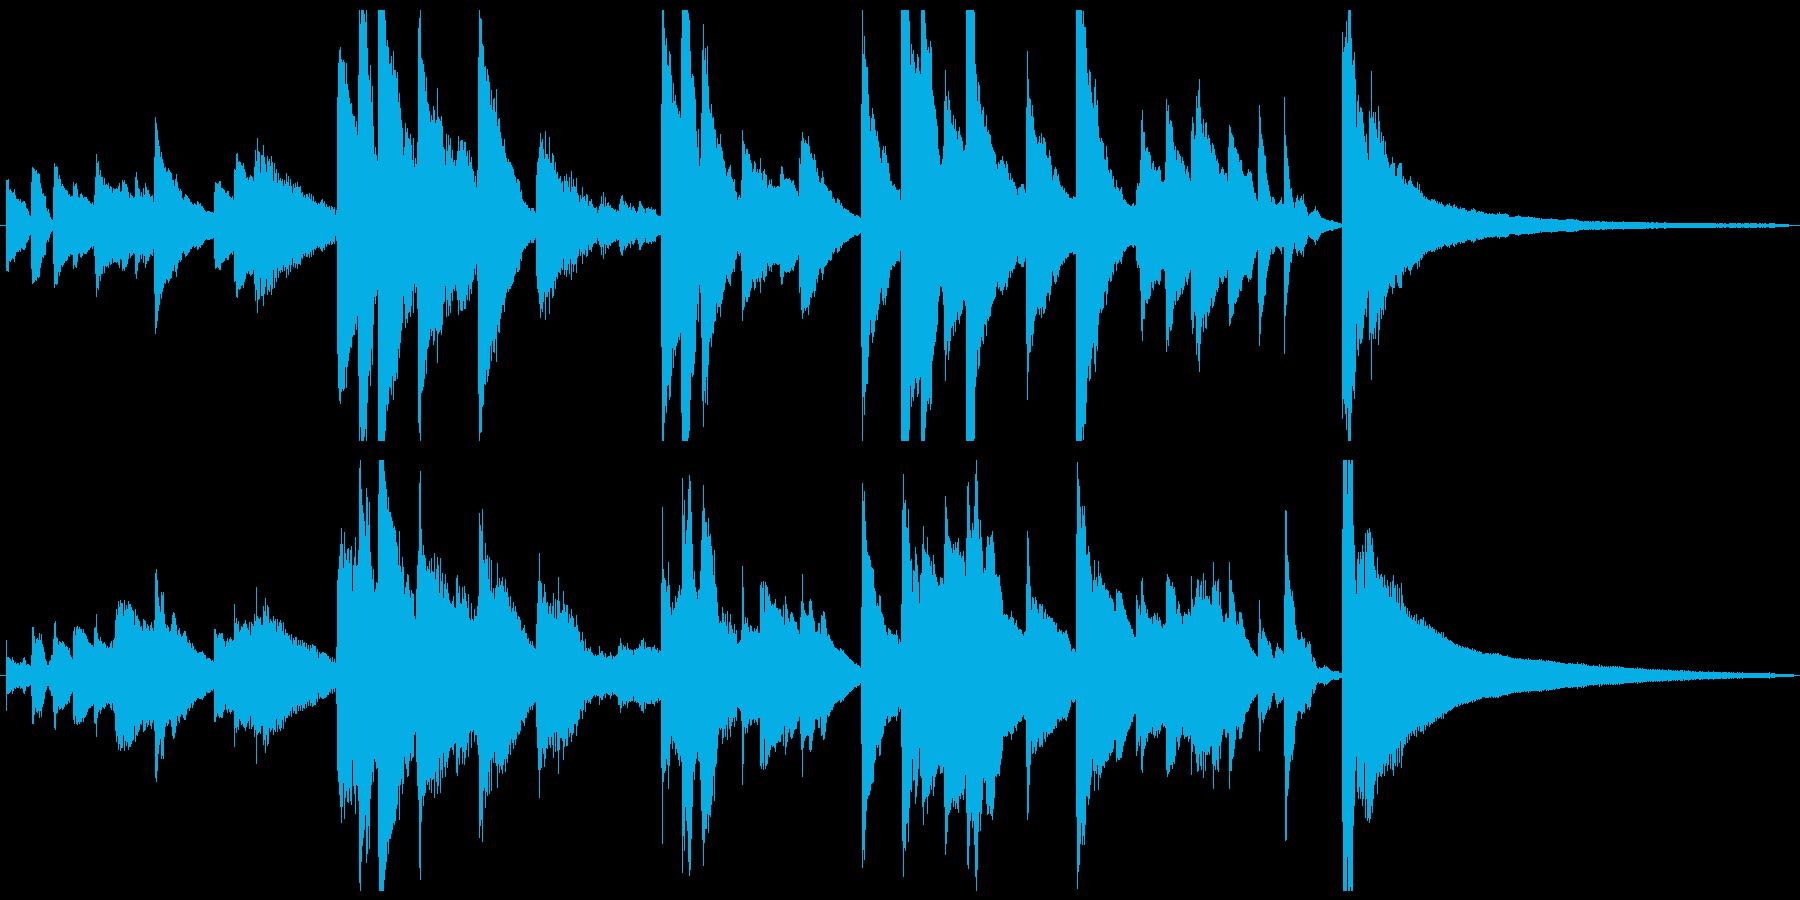 悲しいピアノソロのショートBGMの再生済みの波形